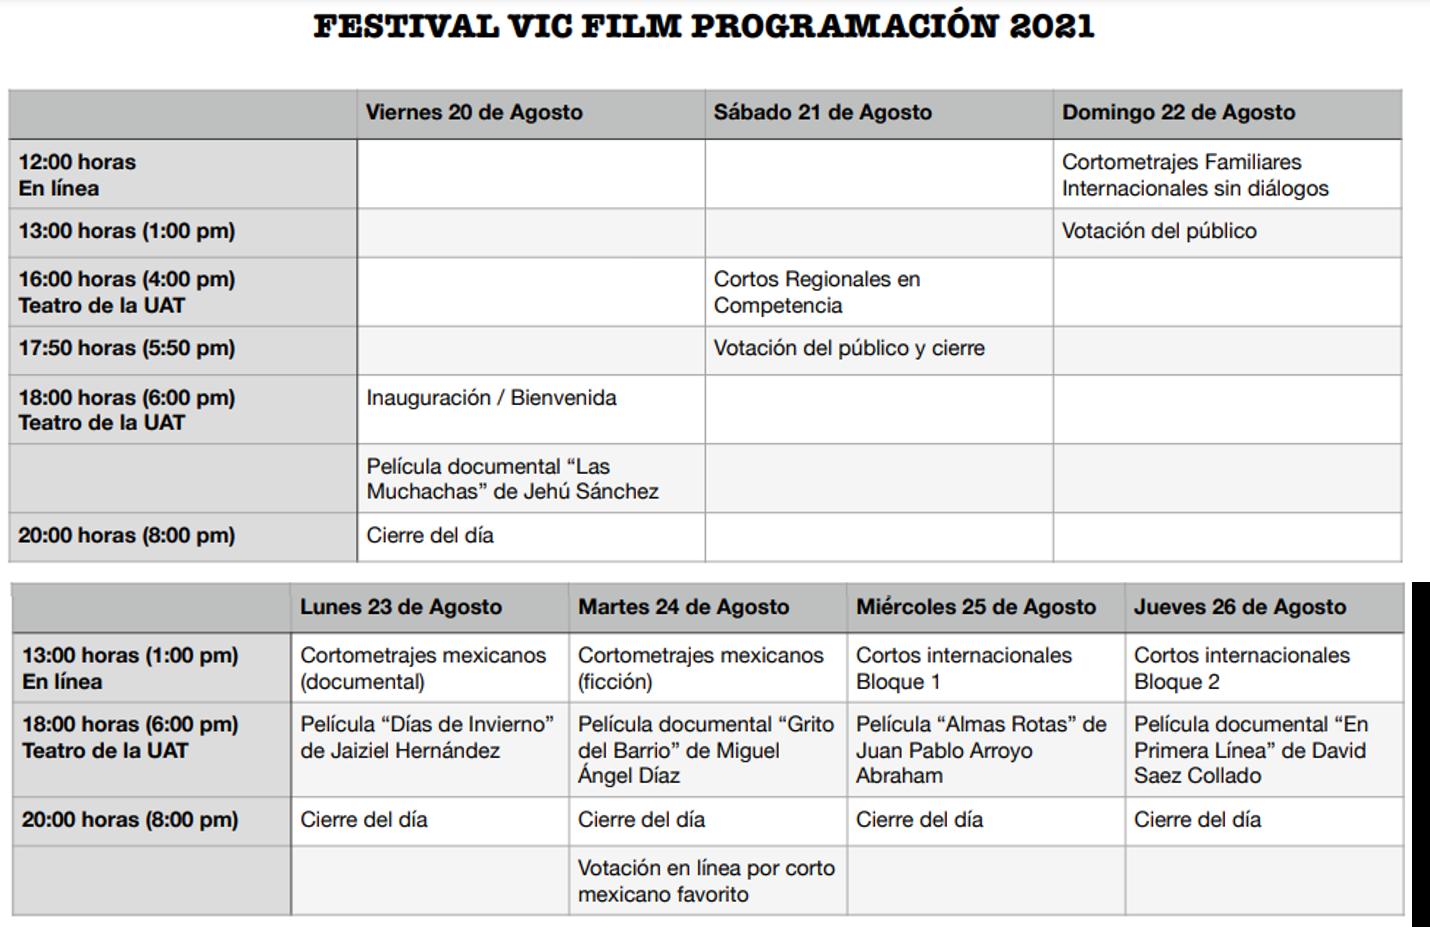 Programación del cuarto festival VIC FILM 2021